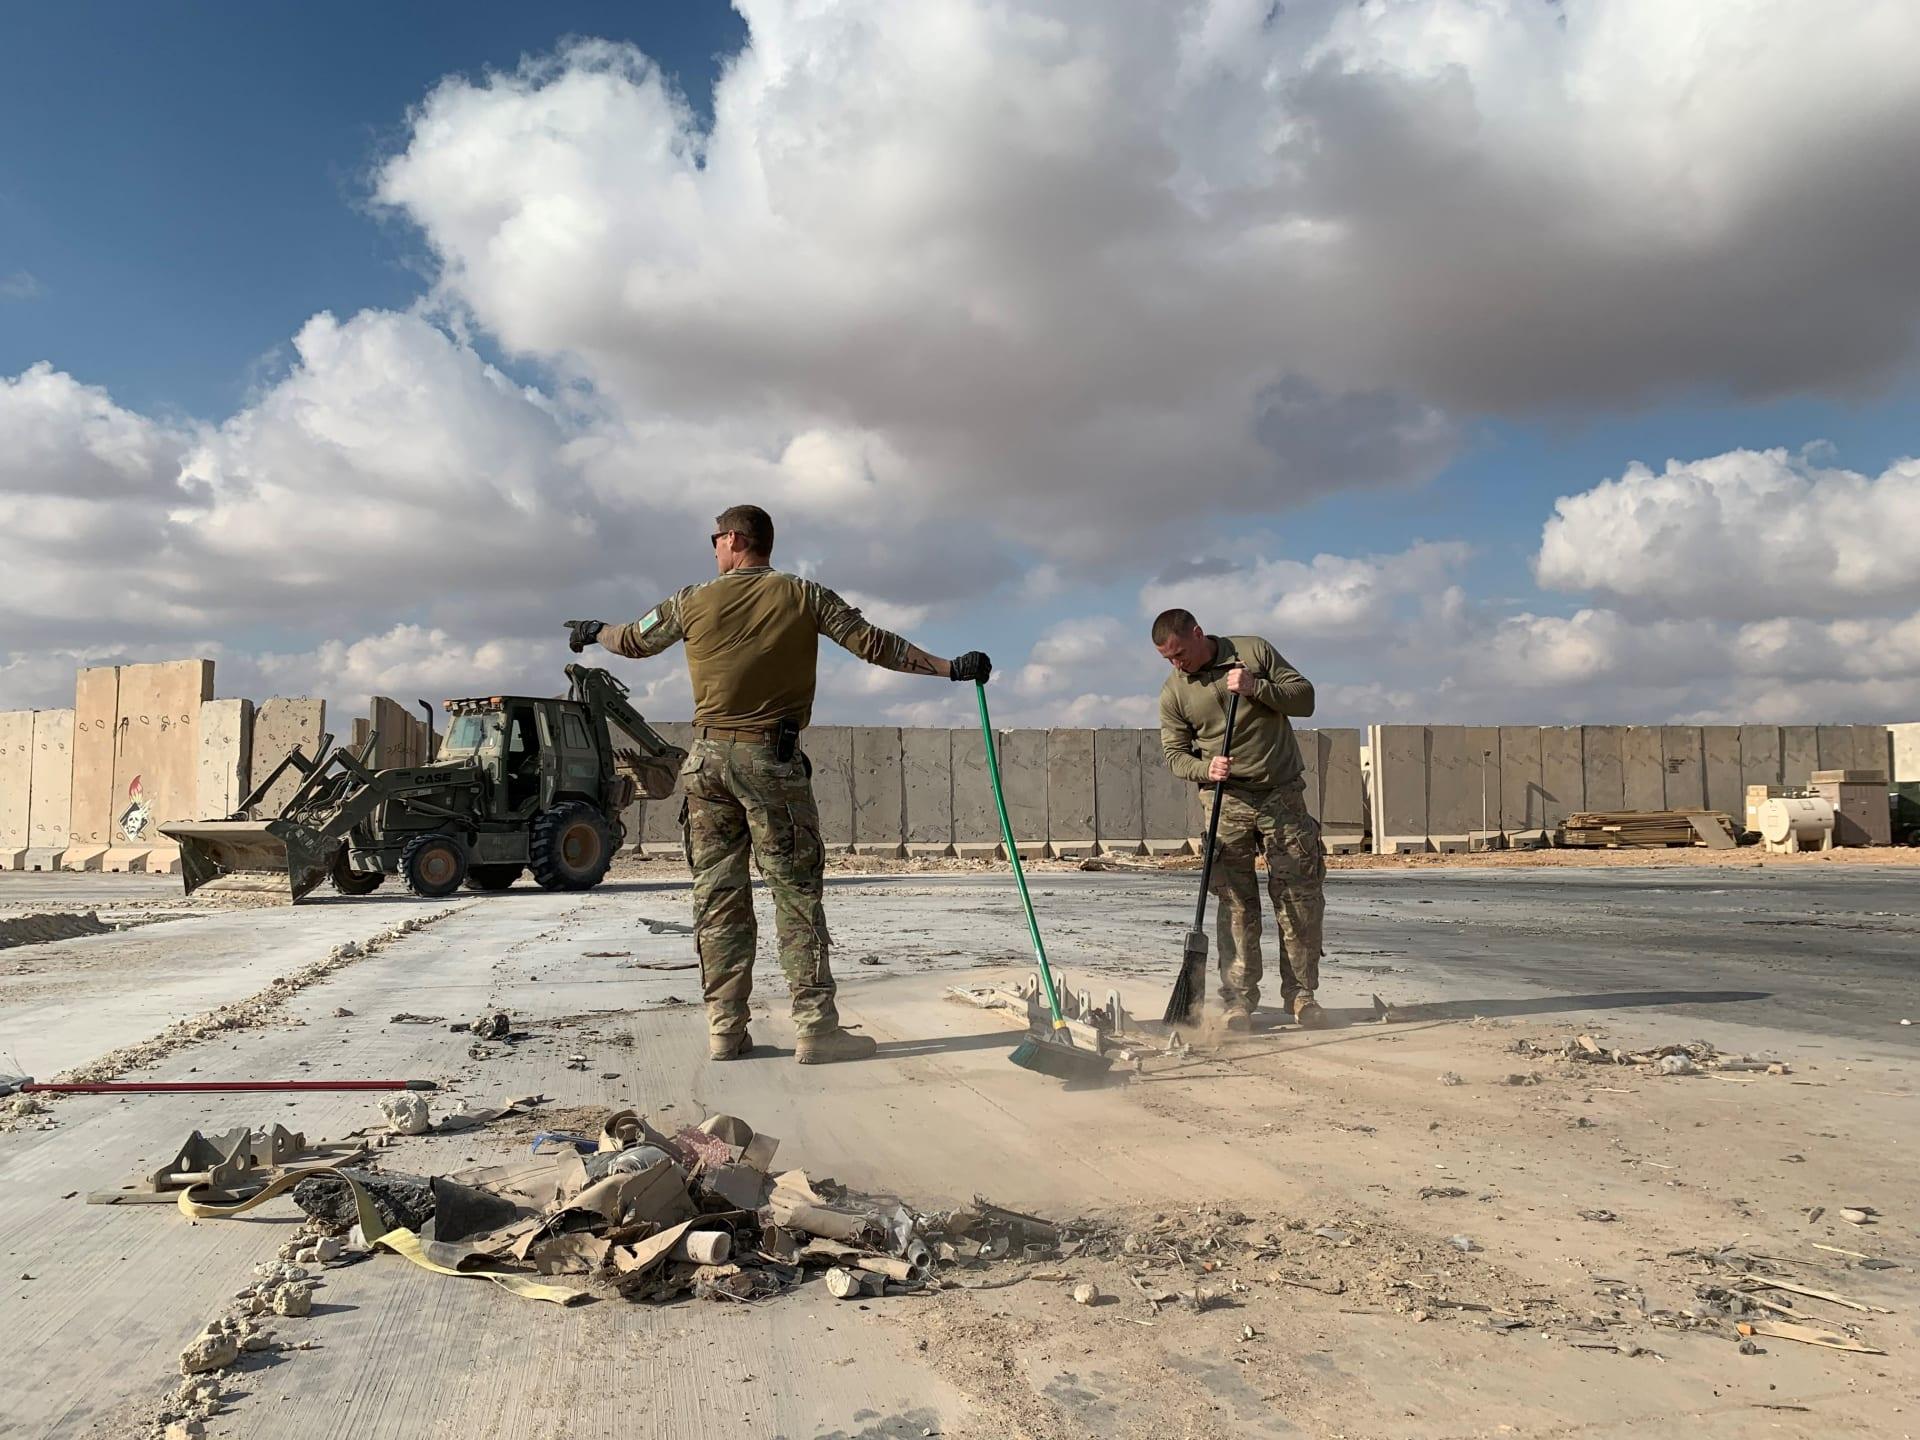 البنتاغون: تشخيص 50 من أفراد الجيش الأمريكي بإصابات دماغية بعد ضربة إيران الصاروخية